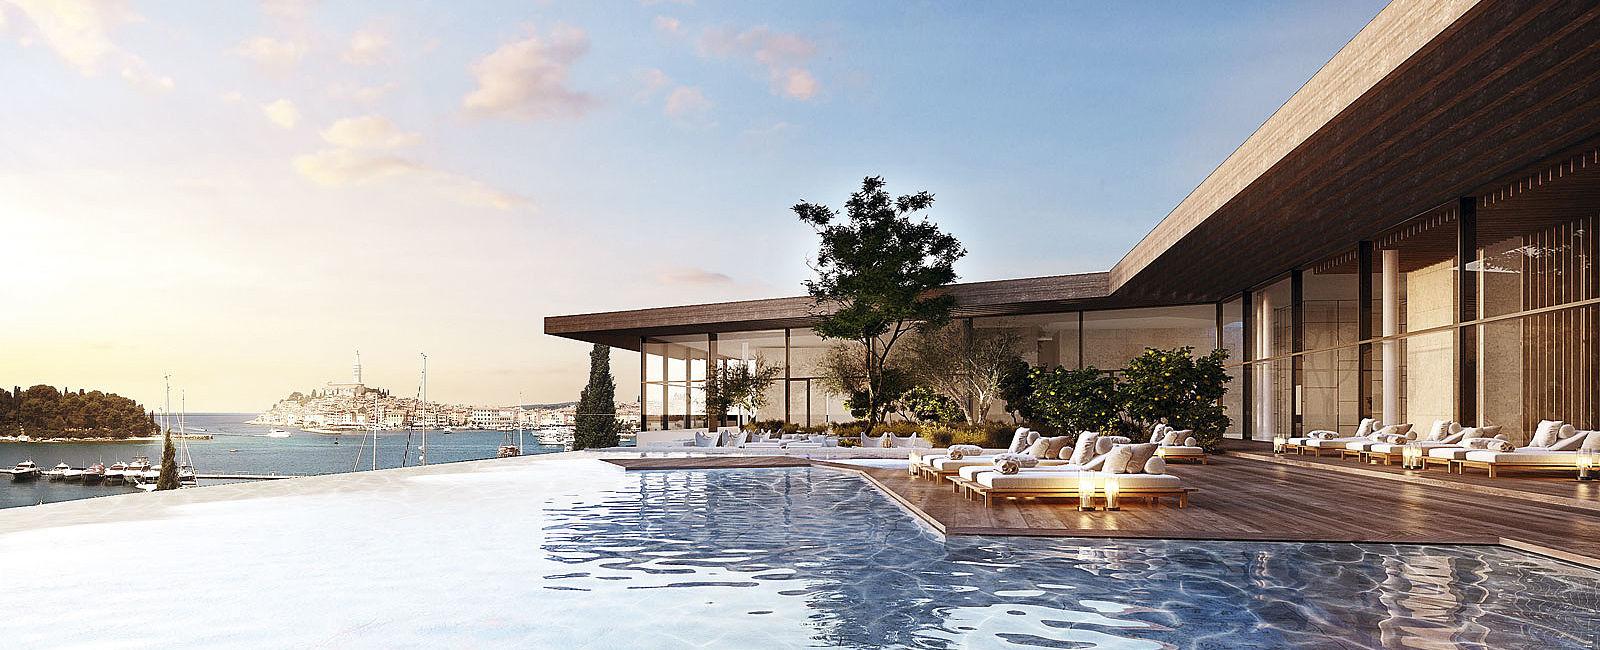 grand park hotel rovinj connoisseur circle hoteltest. Black Bedroom Furniture Sets. Home Design Ideas